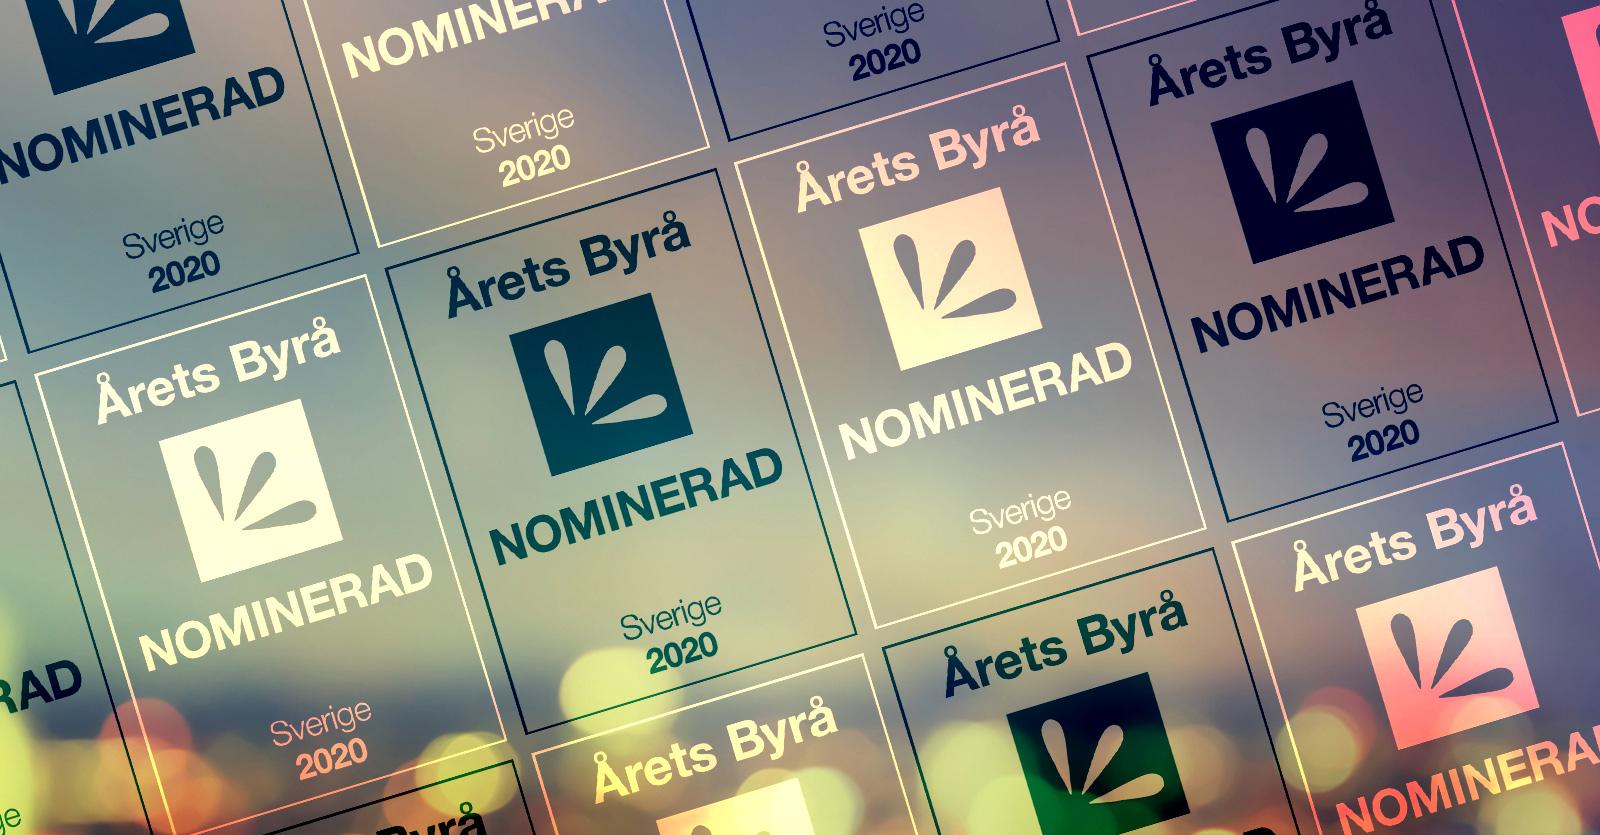 Spotlight nominerade i Årets Byrå